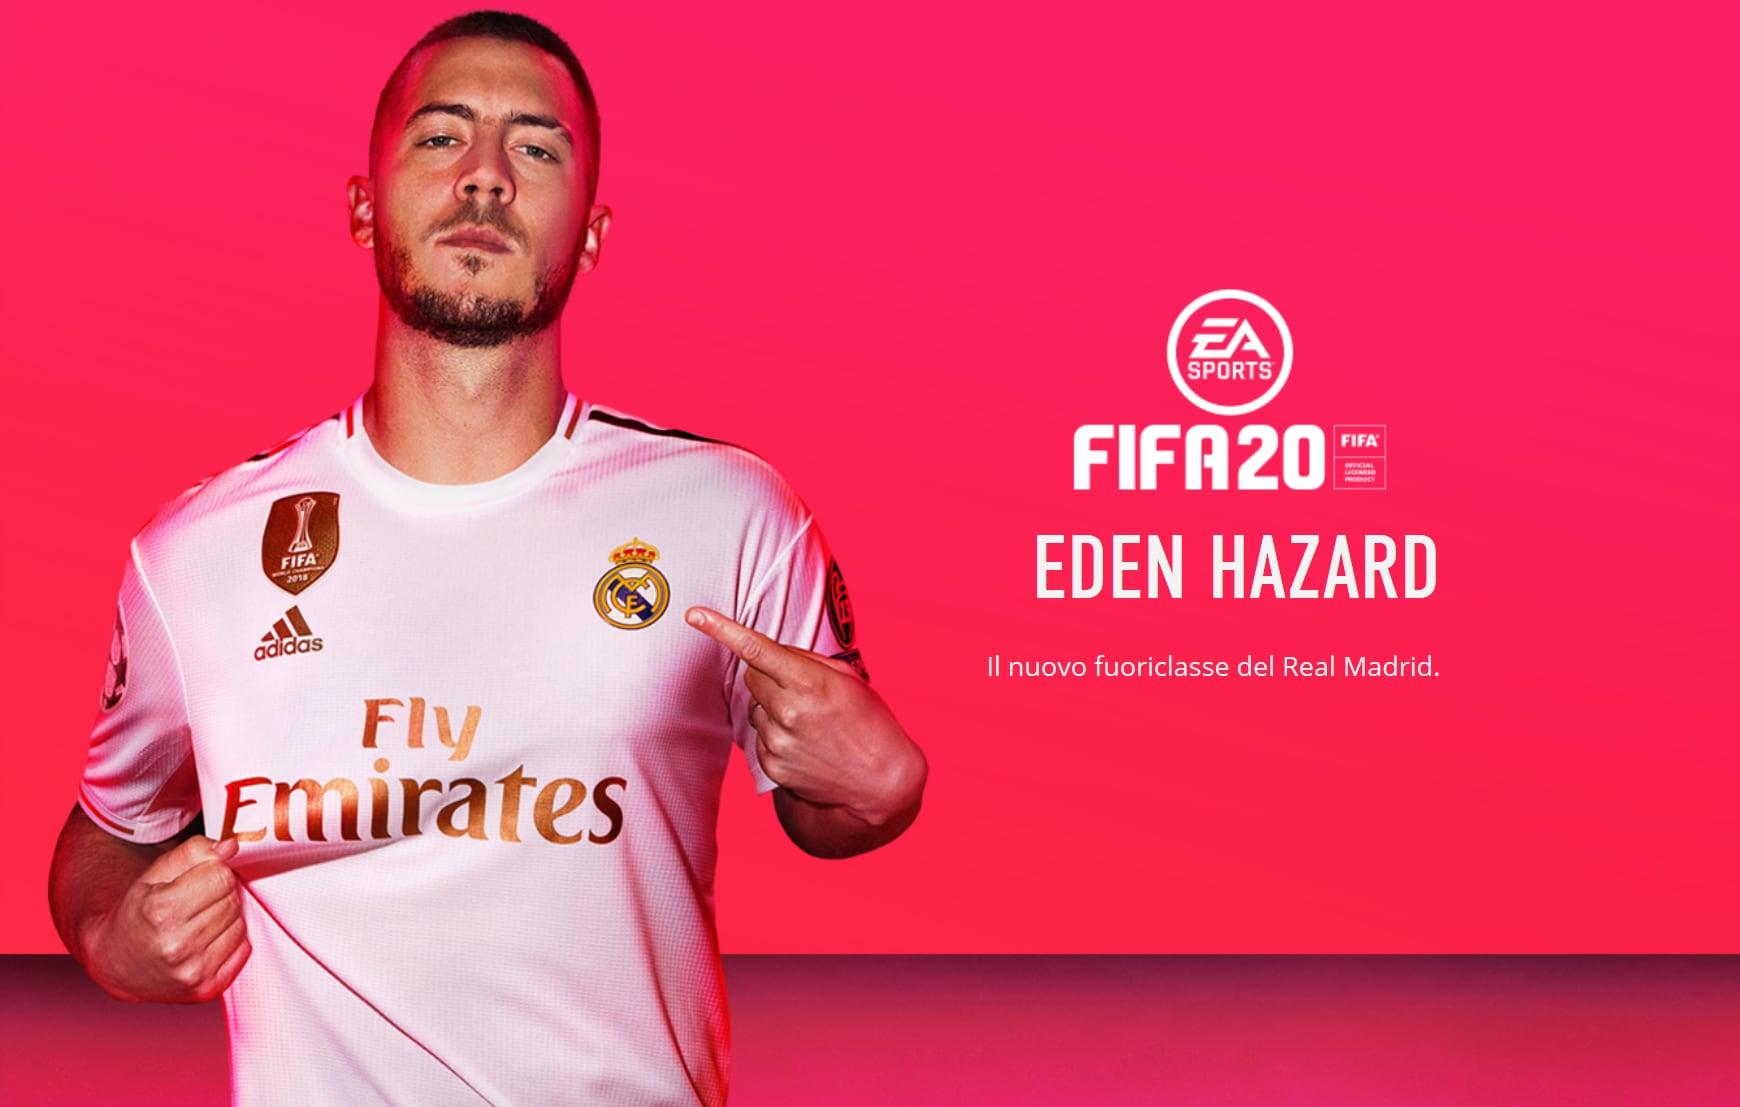 FIFA 20 al miglior prezzo di sempre su Amazon: 23€ per la